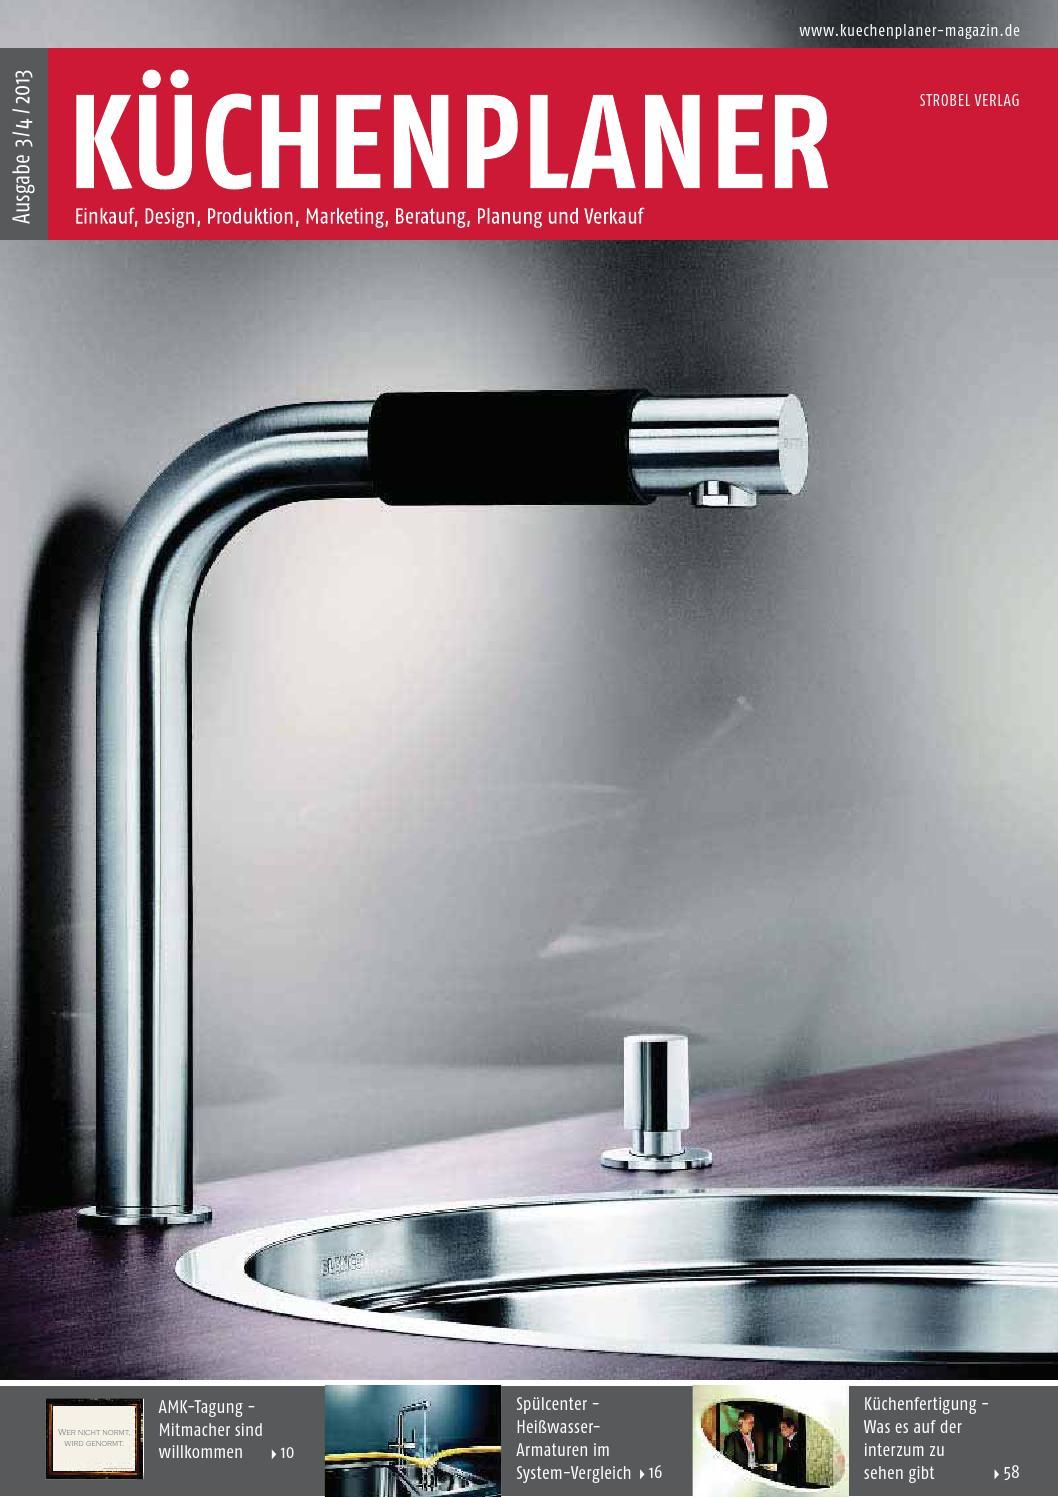 Wasserarmatur Kuche Abbauen Wasserhahn An Der Spule Auswechseln